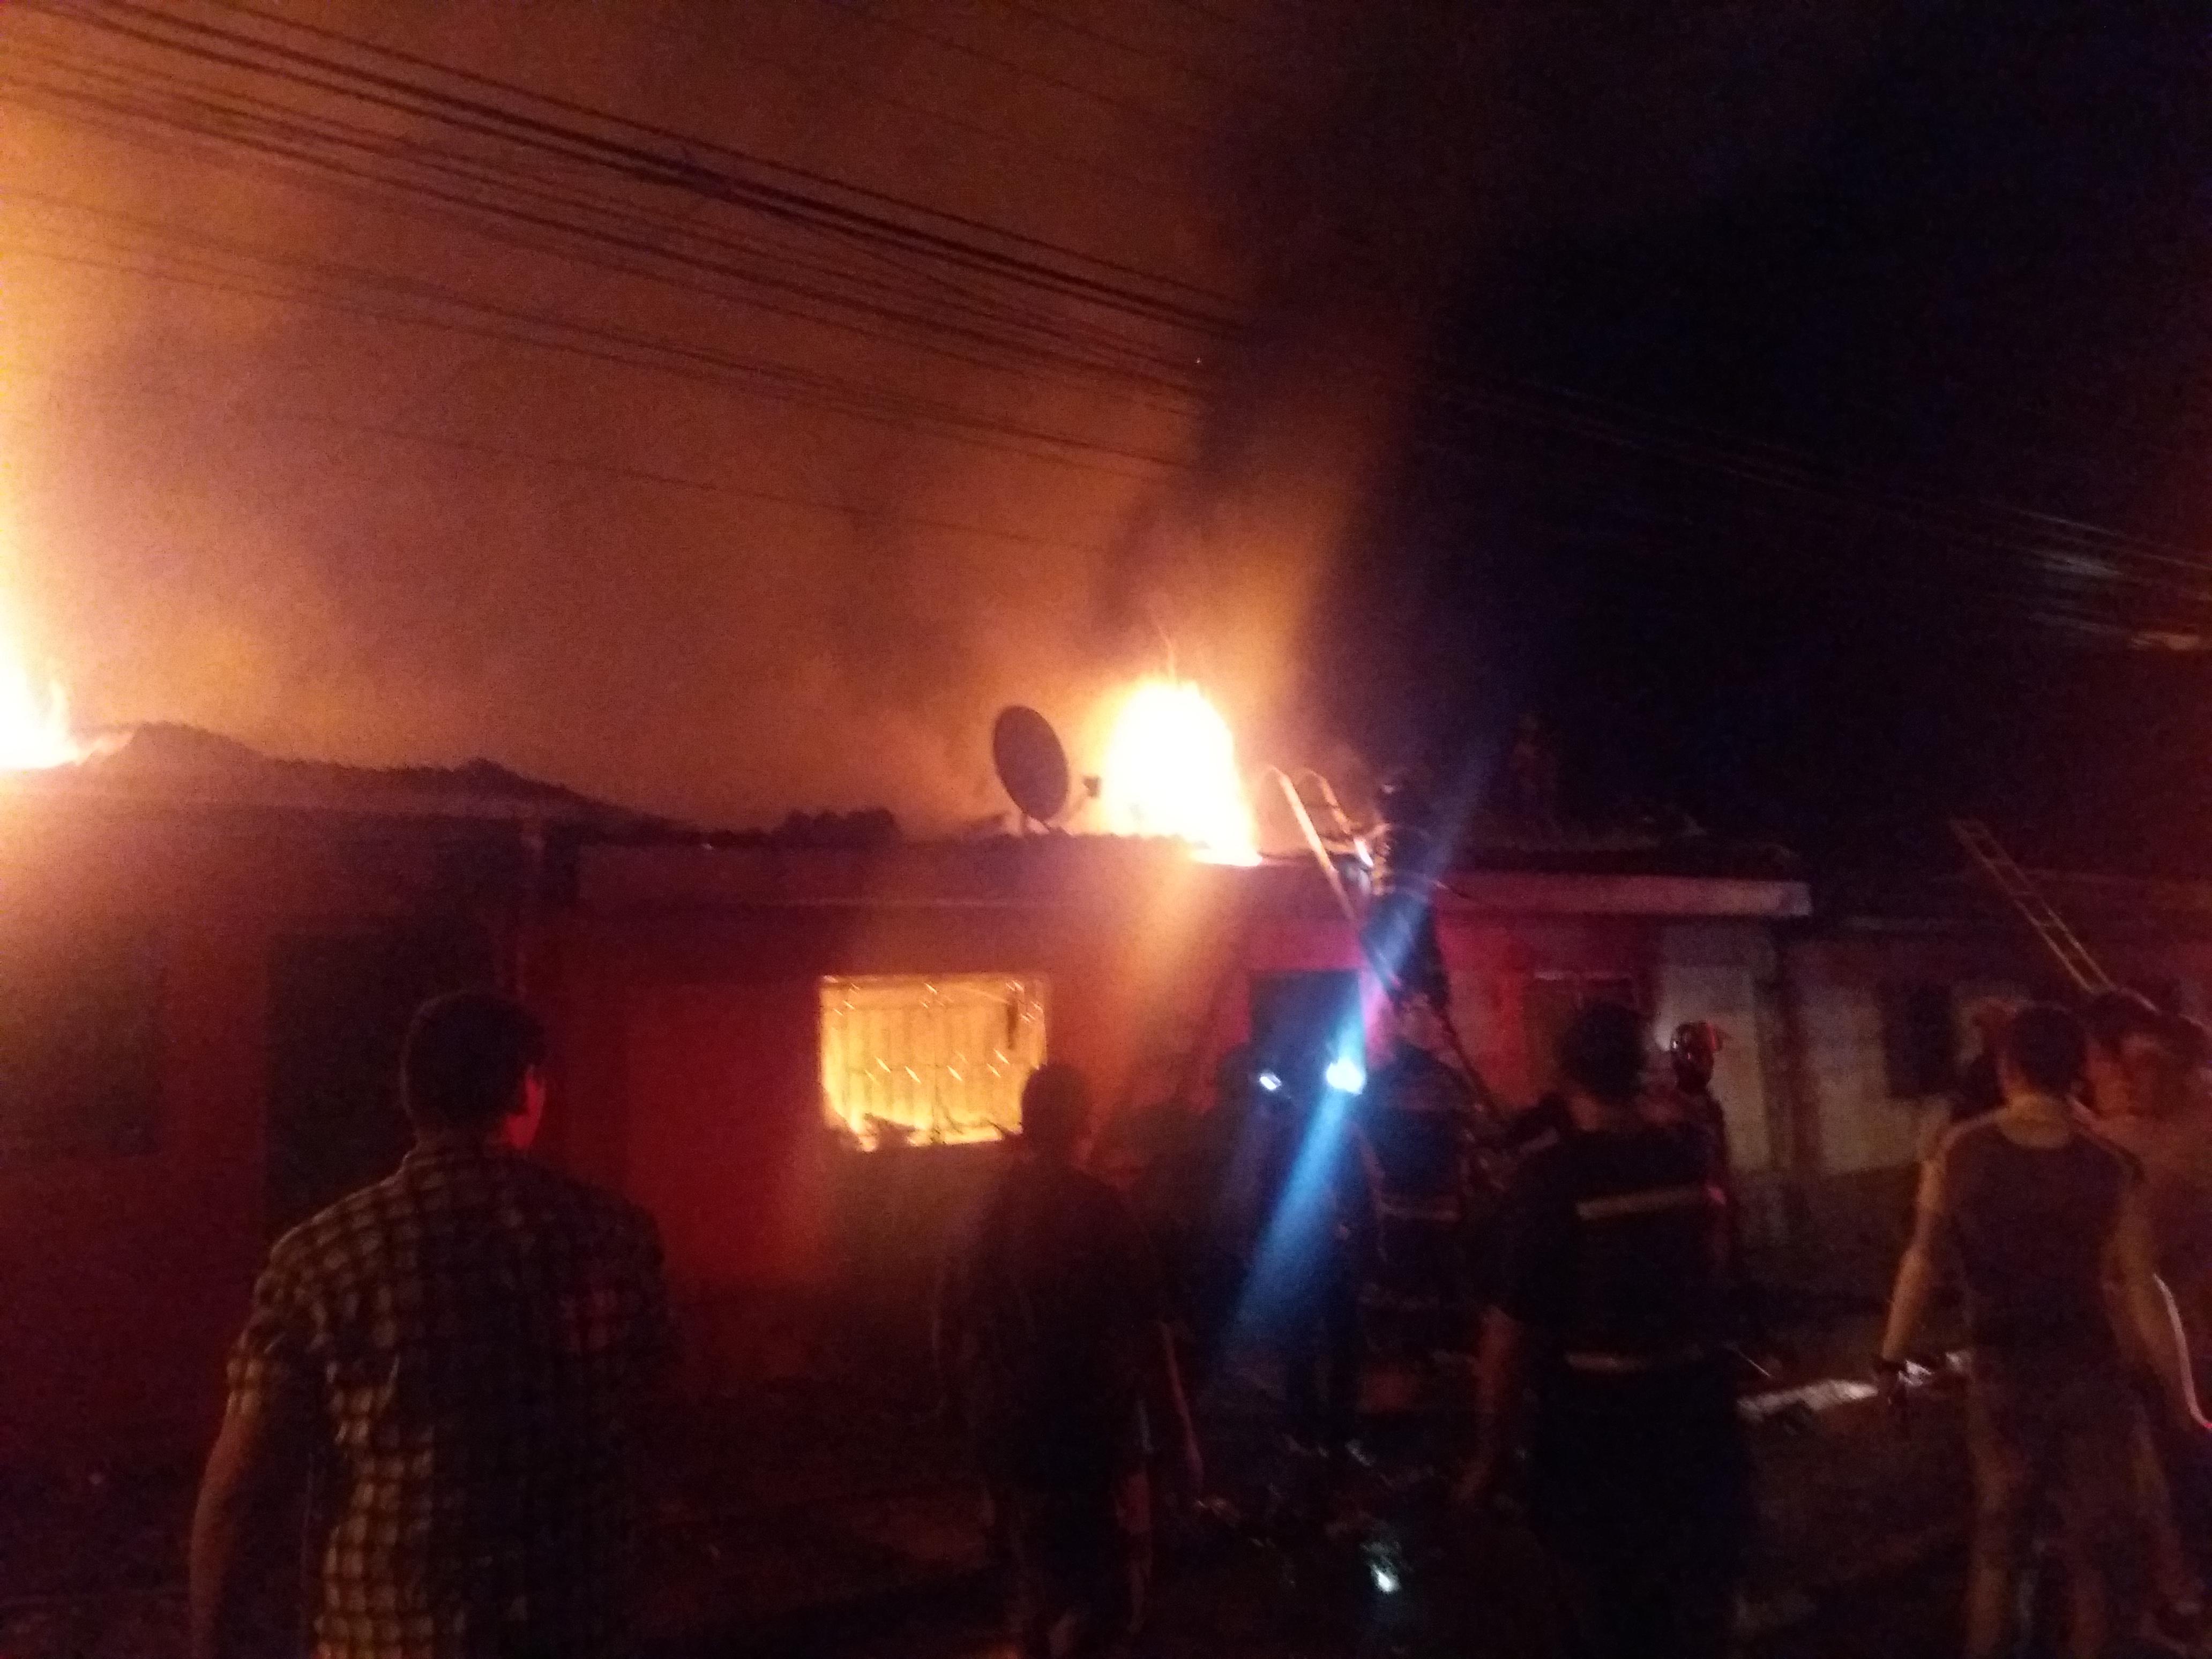 Violento incendio destruye cuatro casas y deja al menos 20 damnificados en barrio norte de Talca